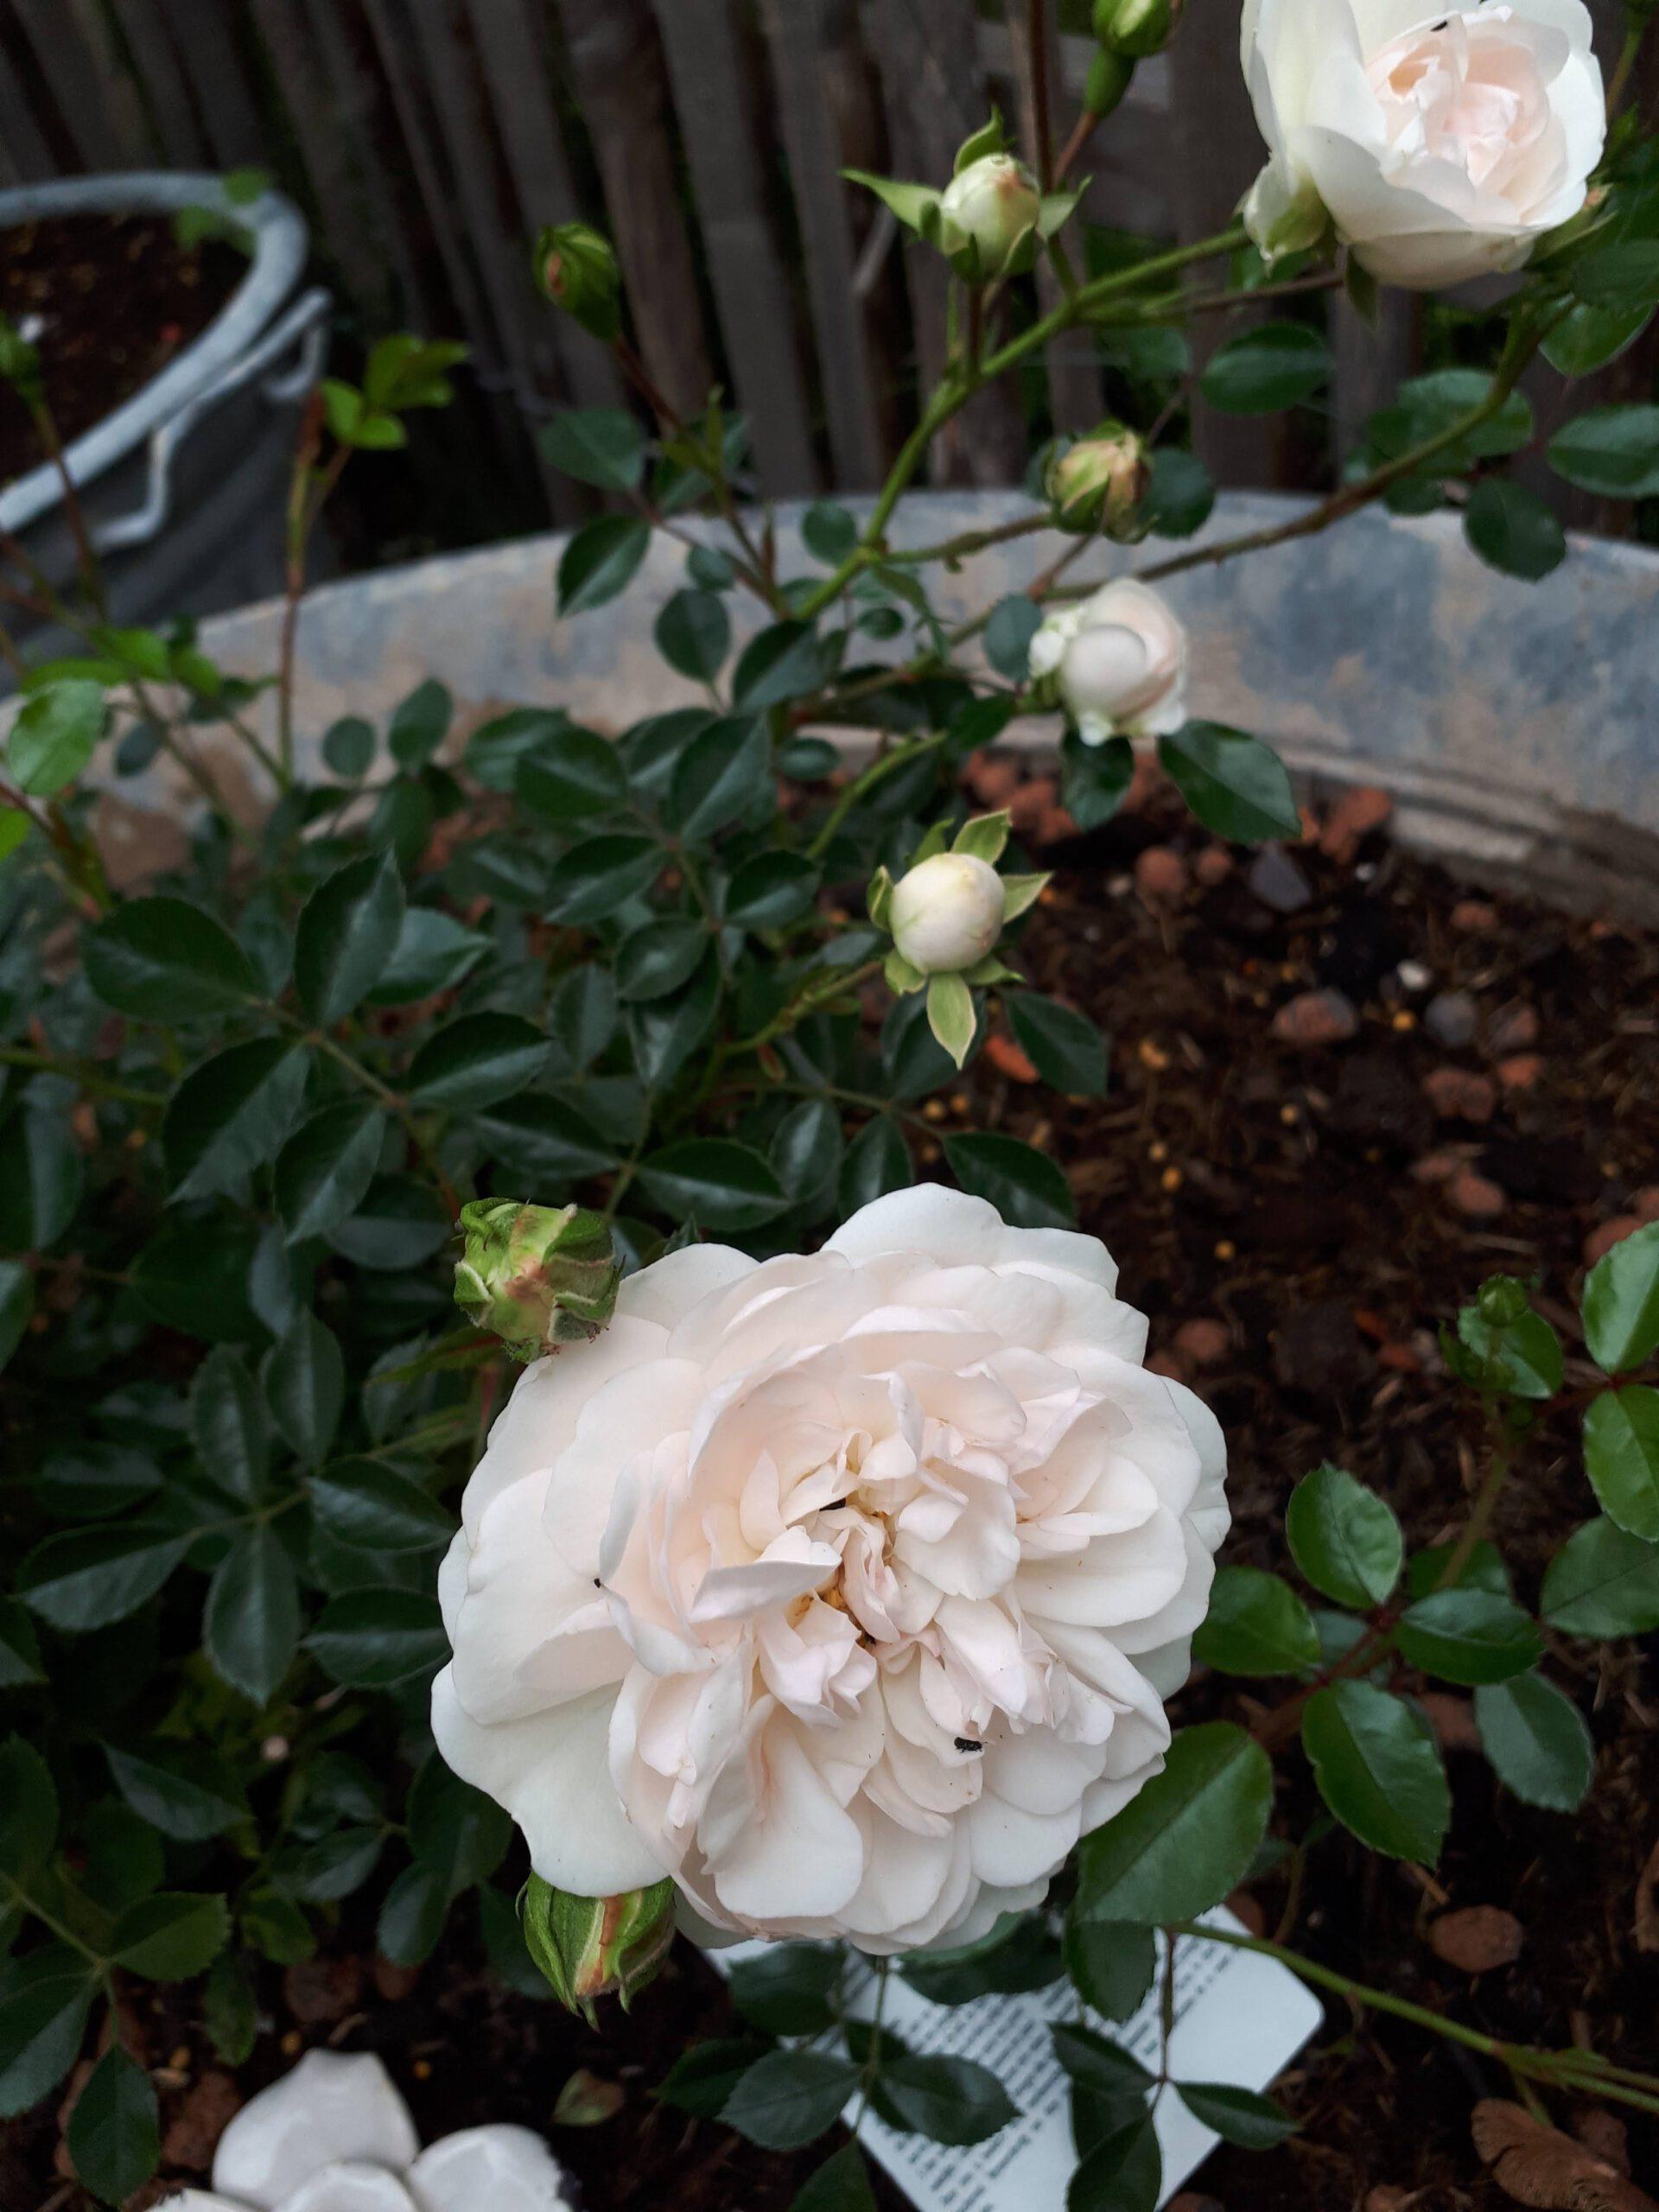 Meine Rosensorten, hier die Bodendeckerrose Swany die in einer der zahlreichen Zinkwannen sitzt.